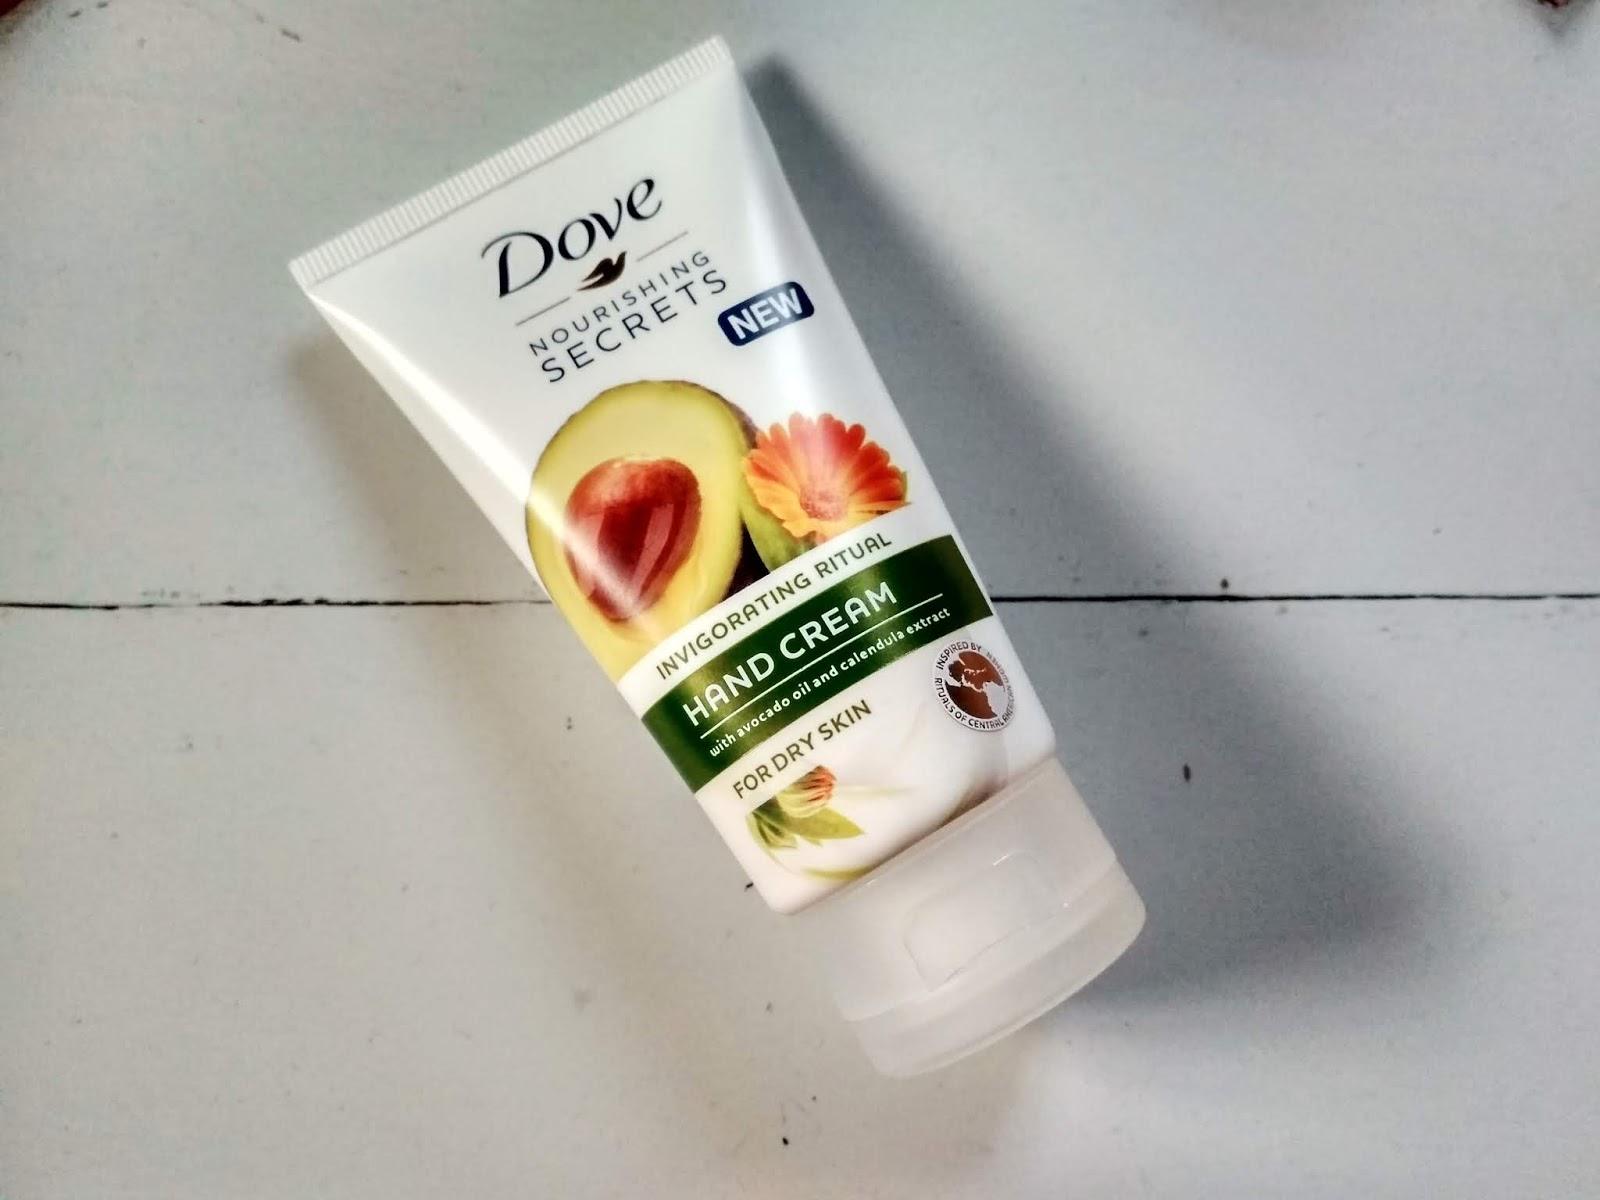 Recenzja - Dove krem do rąk dla skóry suchej awokado i nagietek